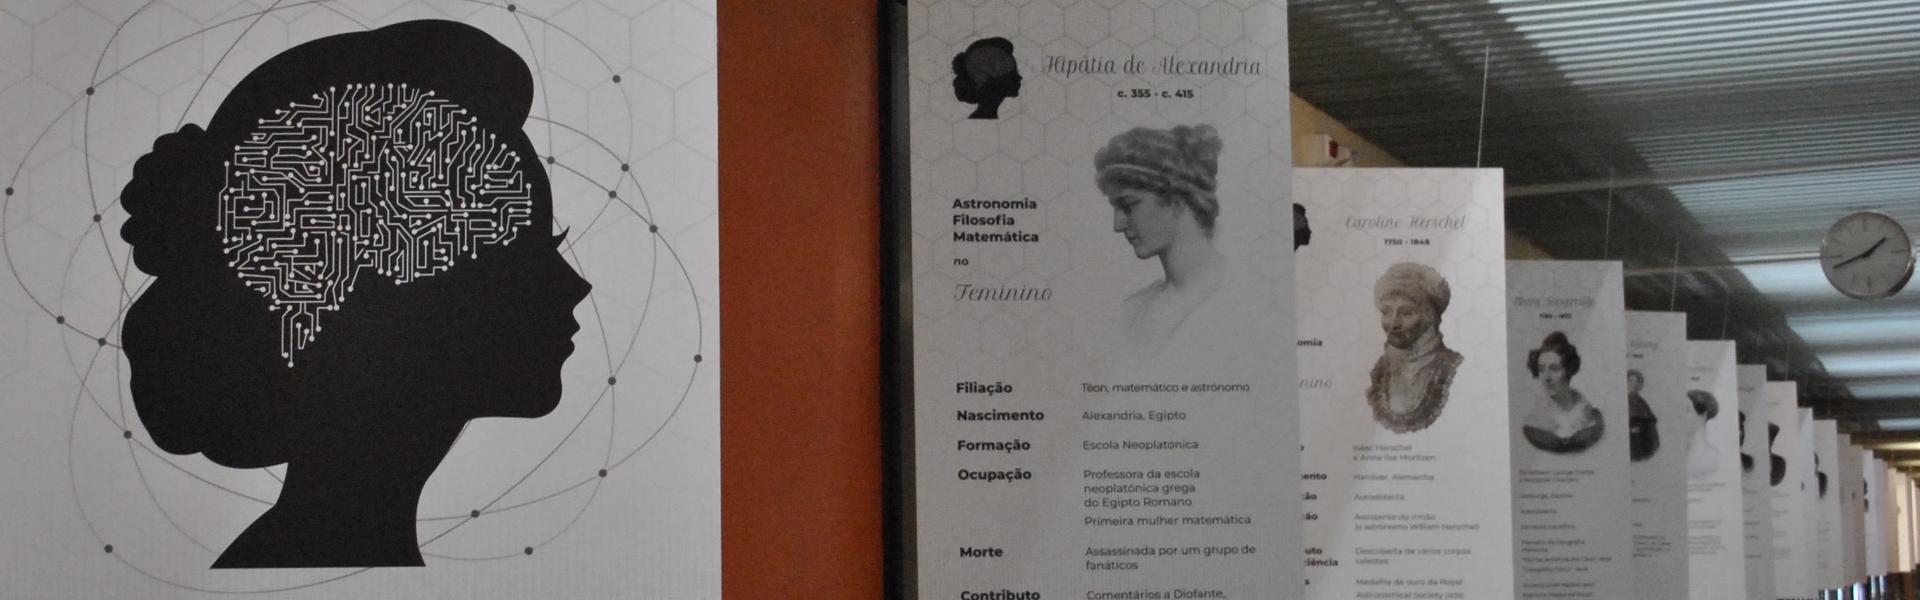 Exposição Ciência no Feminino